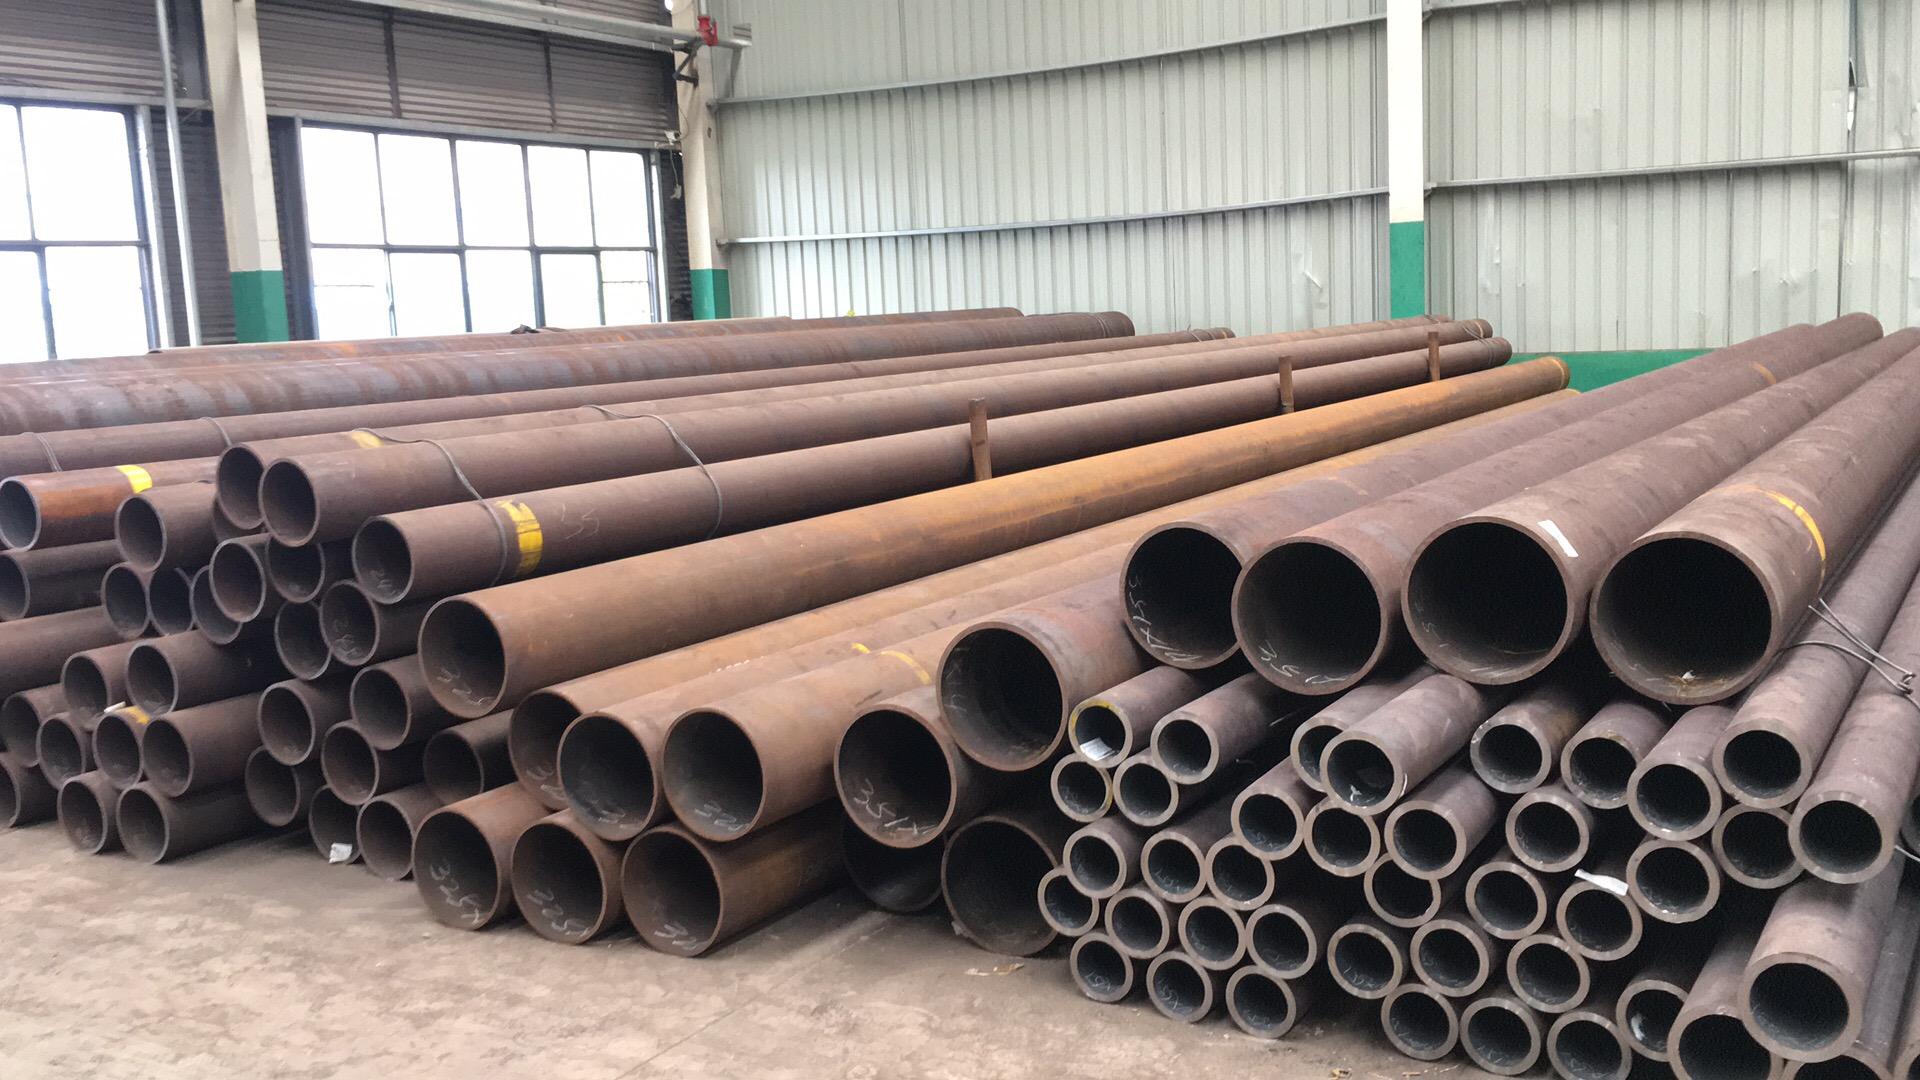 我们推荐16mn钢管供应商_16mn钢管厂家相关-济南汇佳钢材有限公司